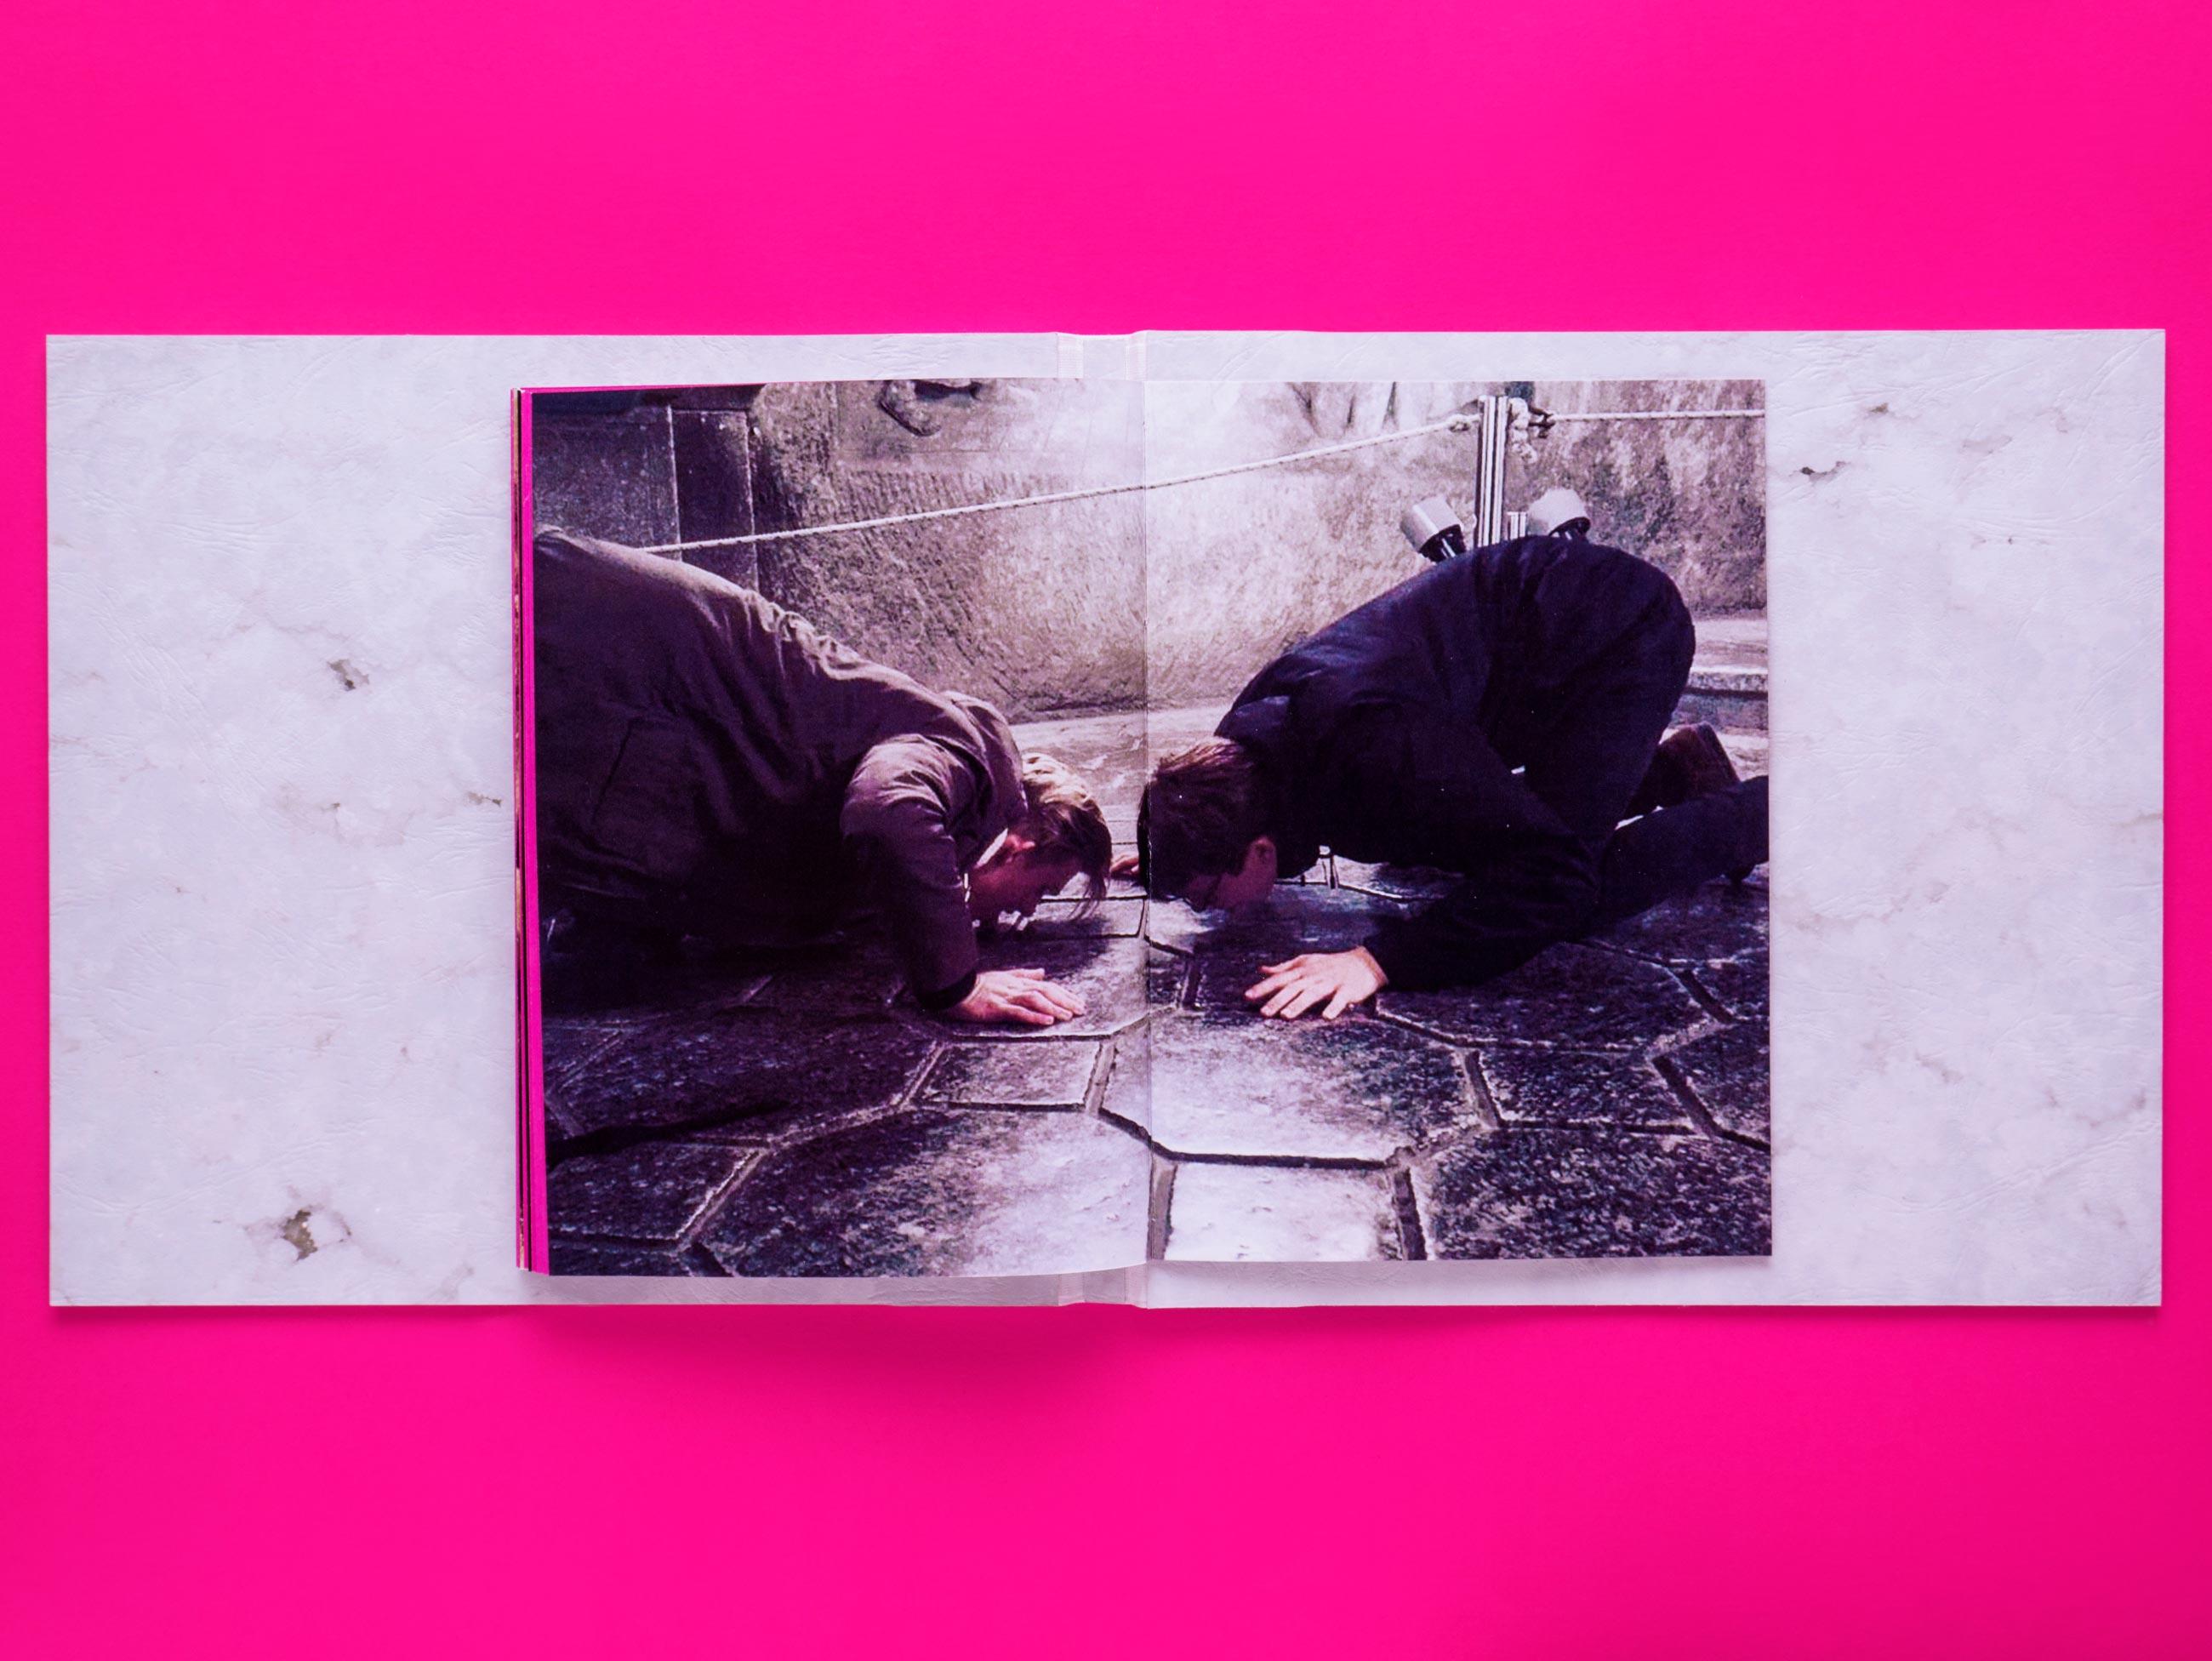 an book 09 - <b>Хочеш лизнути соляну шахту?</b> Анастасія Некипіла — у «Рівні цензури» - Заборона